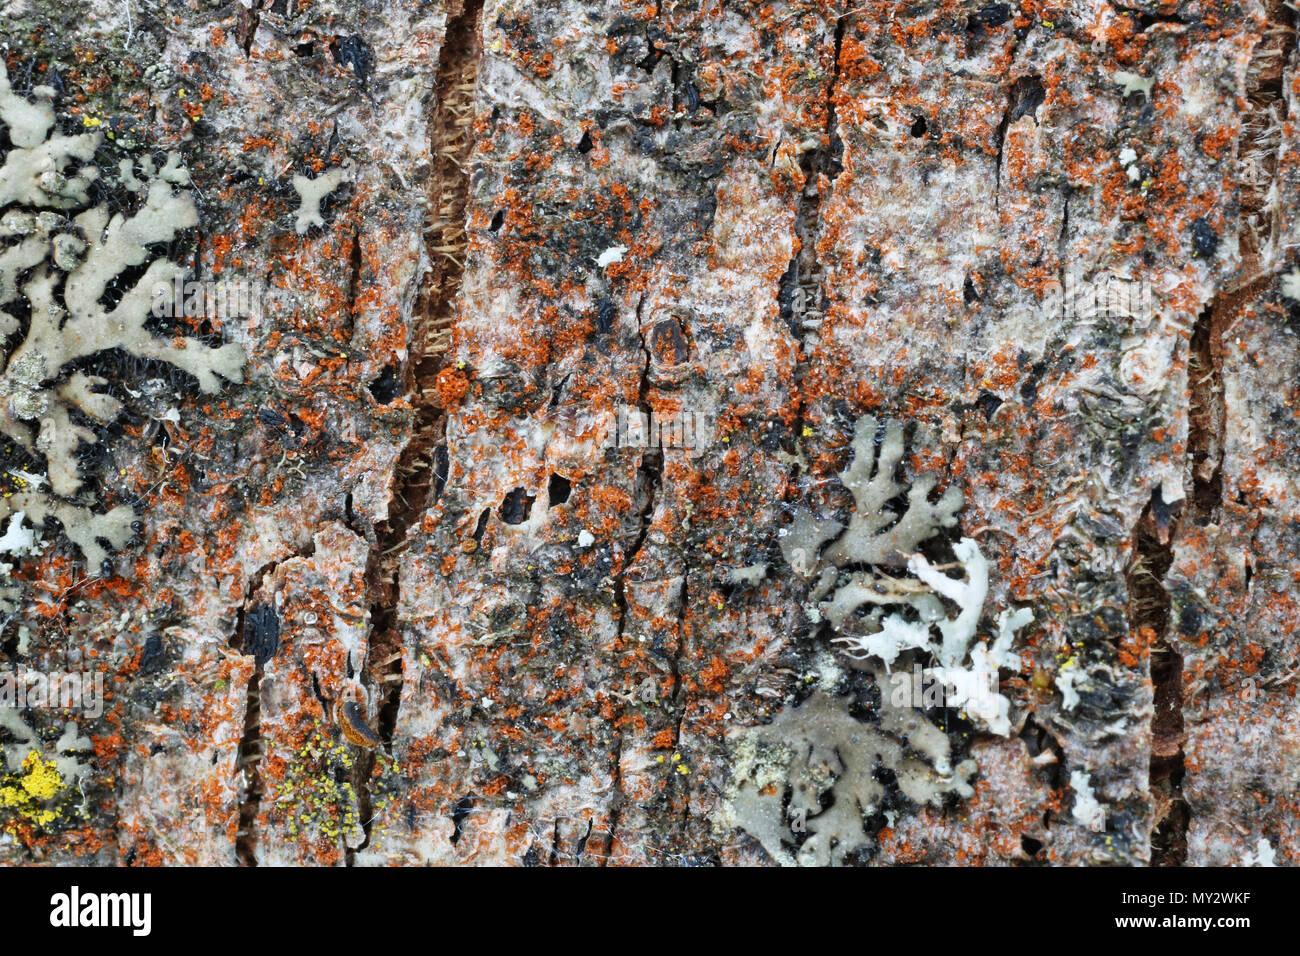 Il microcosmo e flora sulla superficie della corteccia del vecchio albero della mela. Licheni, muschi e altre sostanze organiche. Studio di ripresa macro Immagini Stock